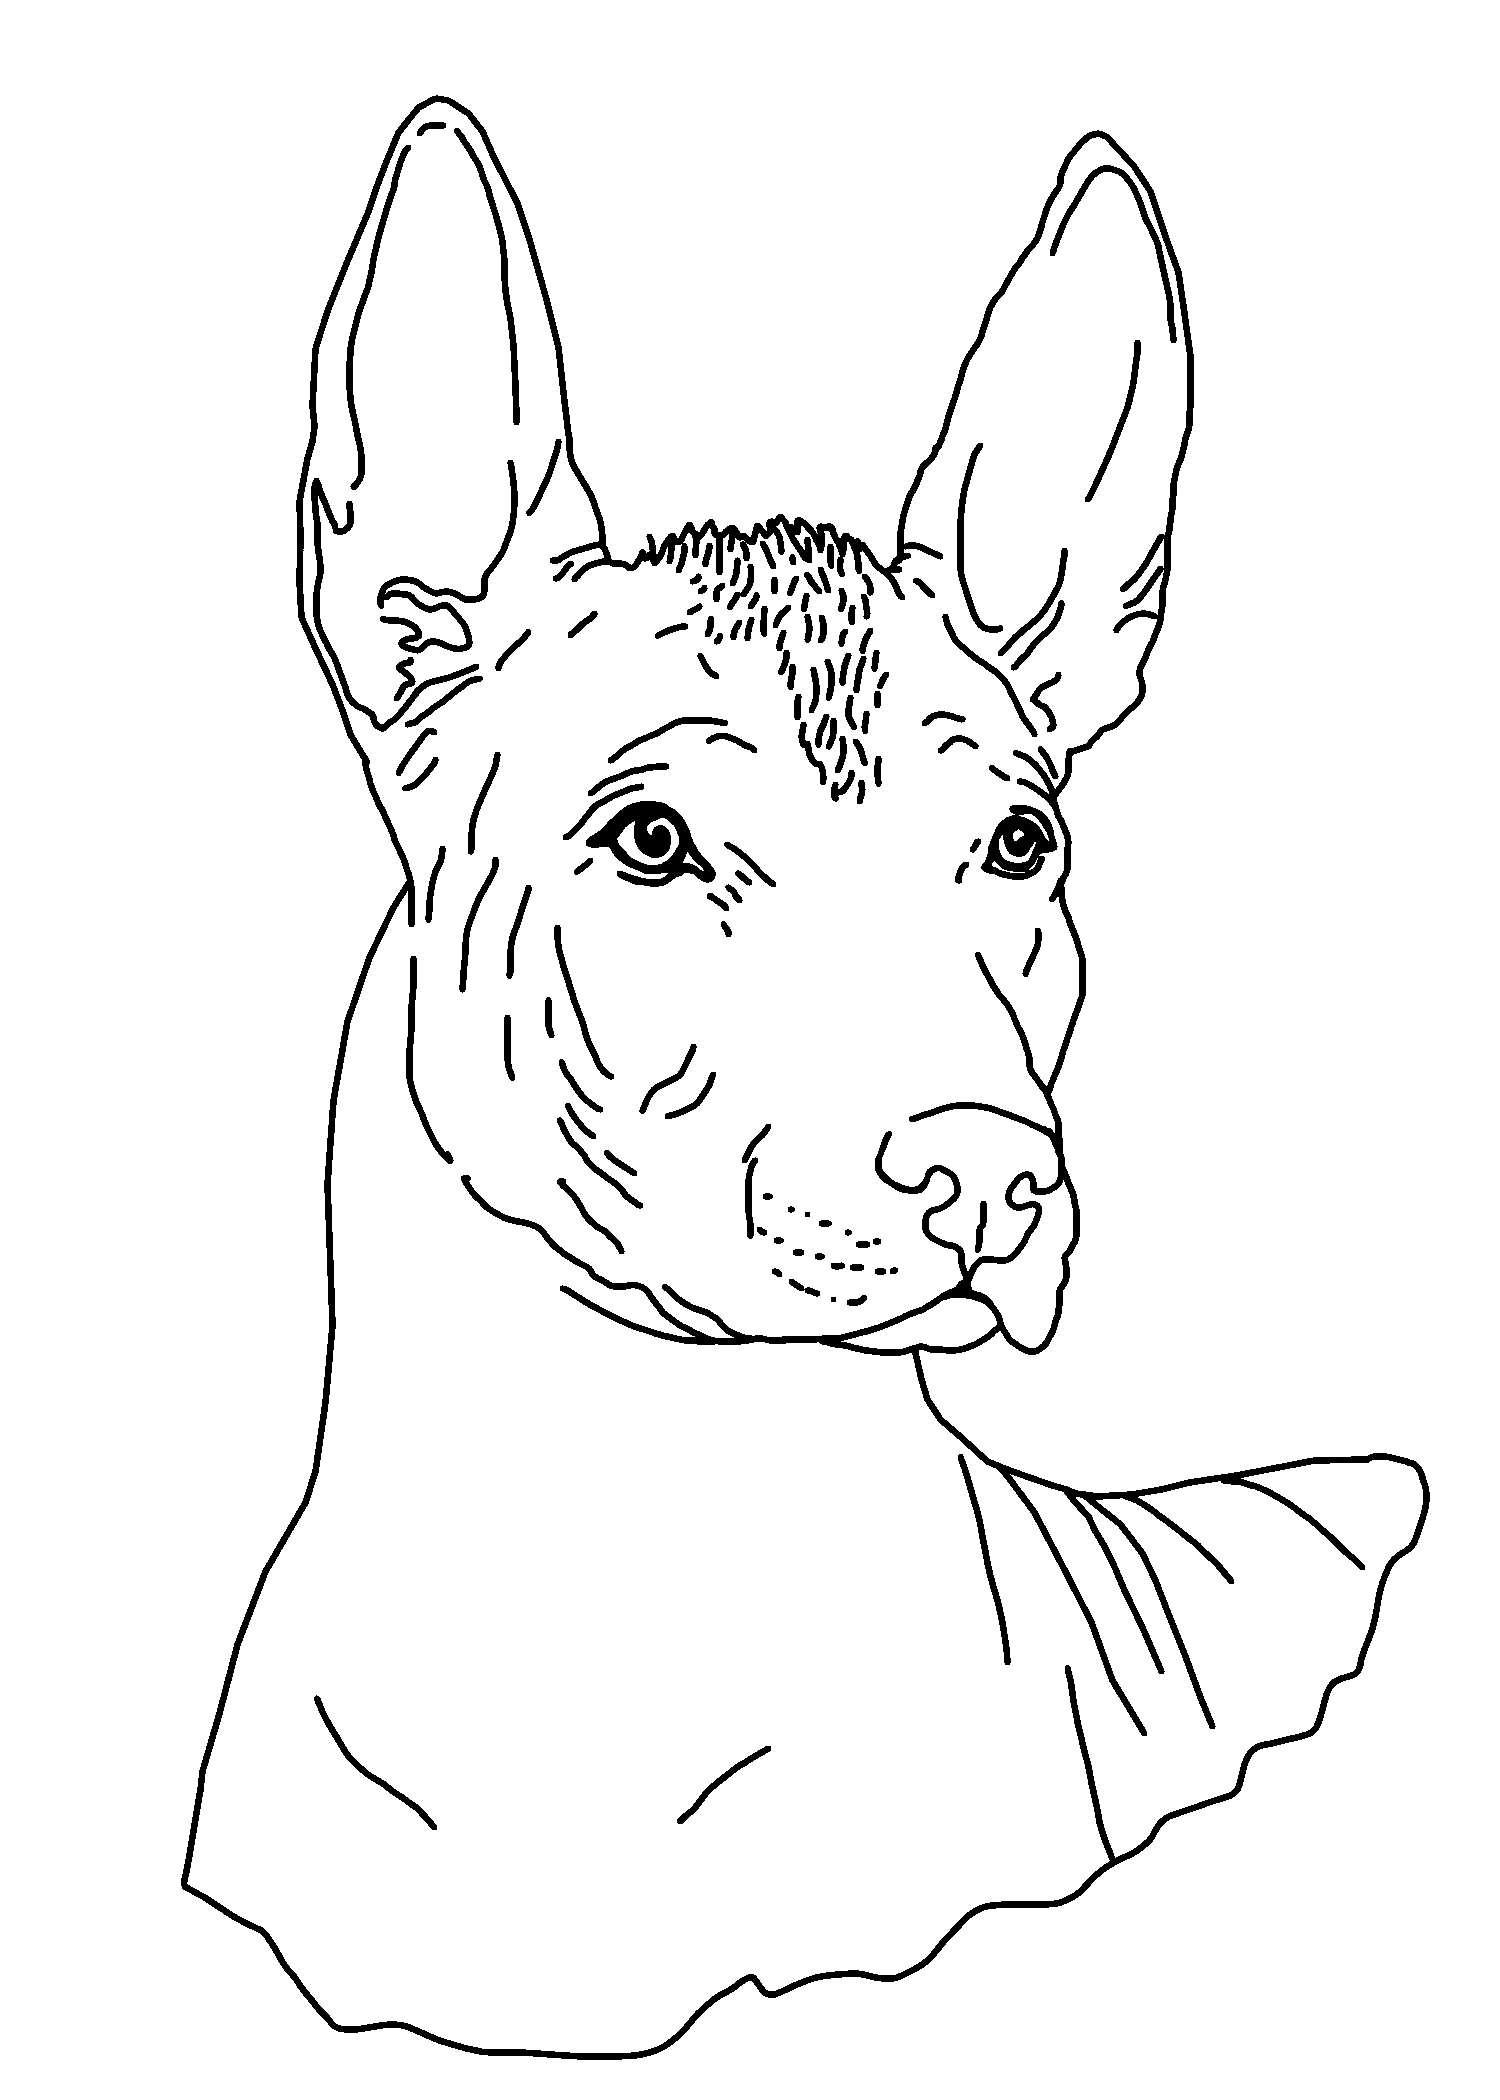 Mirror Extra Large Austonley Irish Wolfhounds